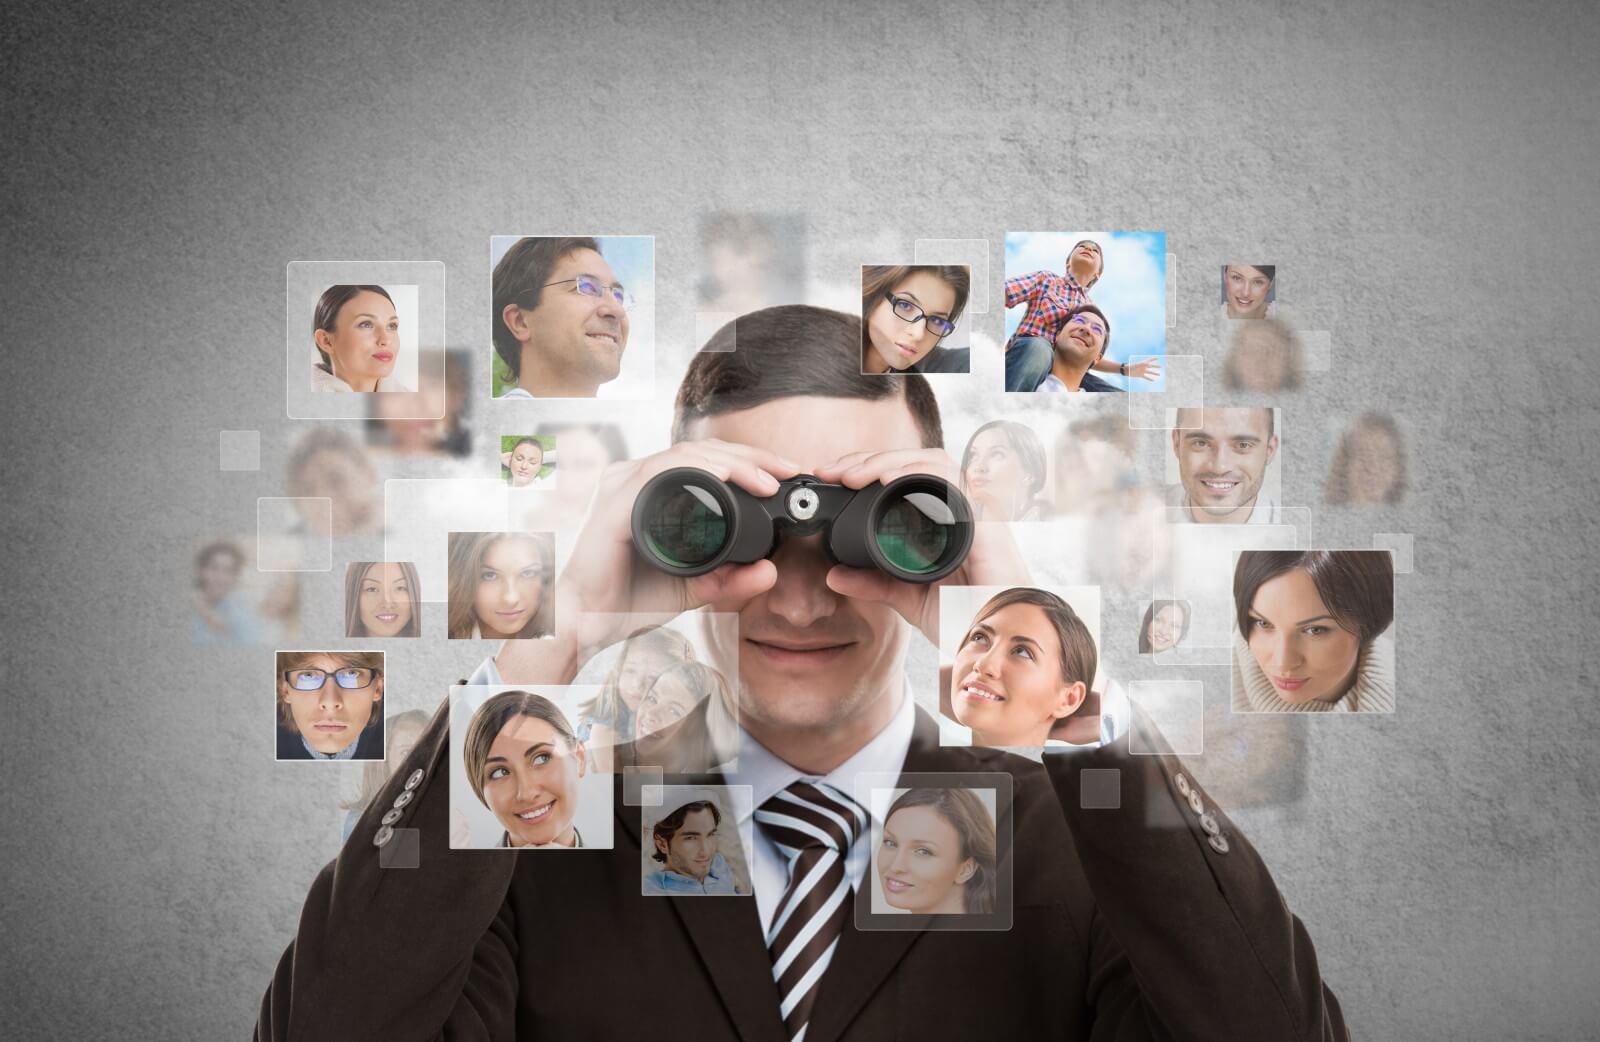 Поиск собеседника - важный шаг для успешного изучения языка